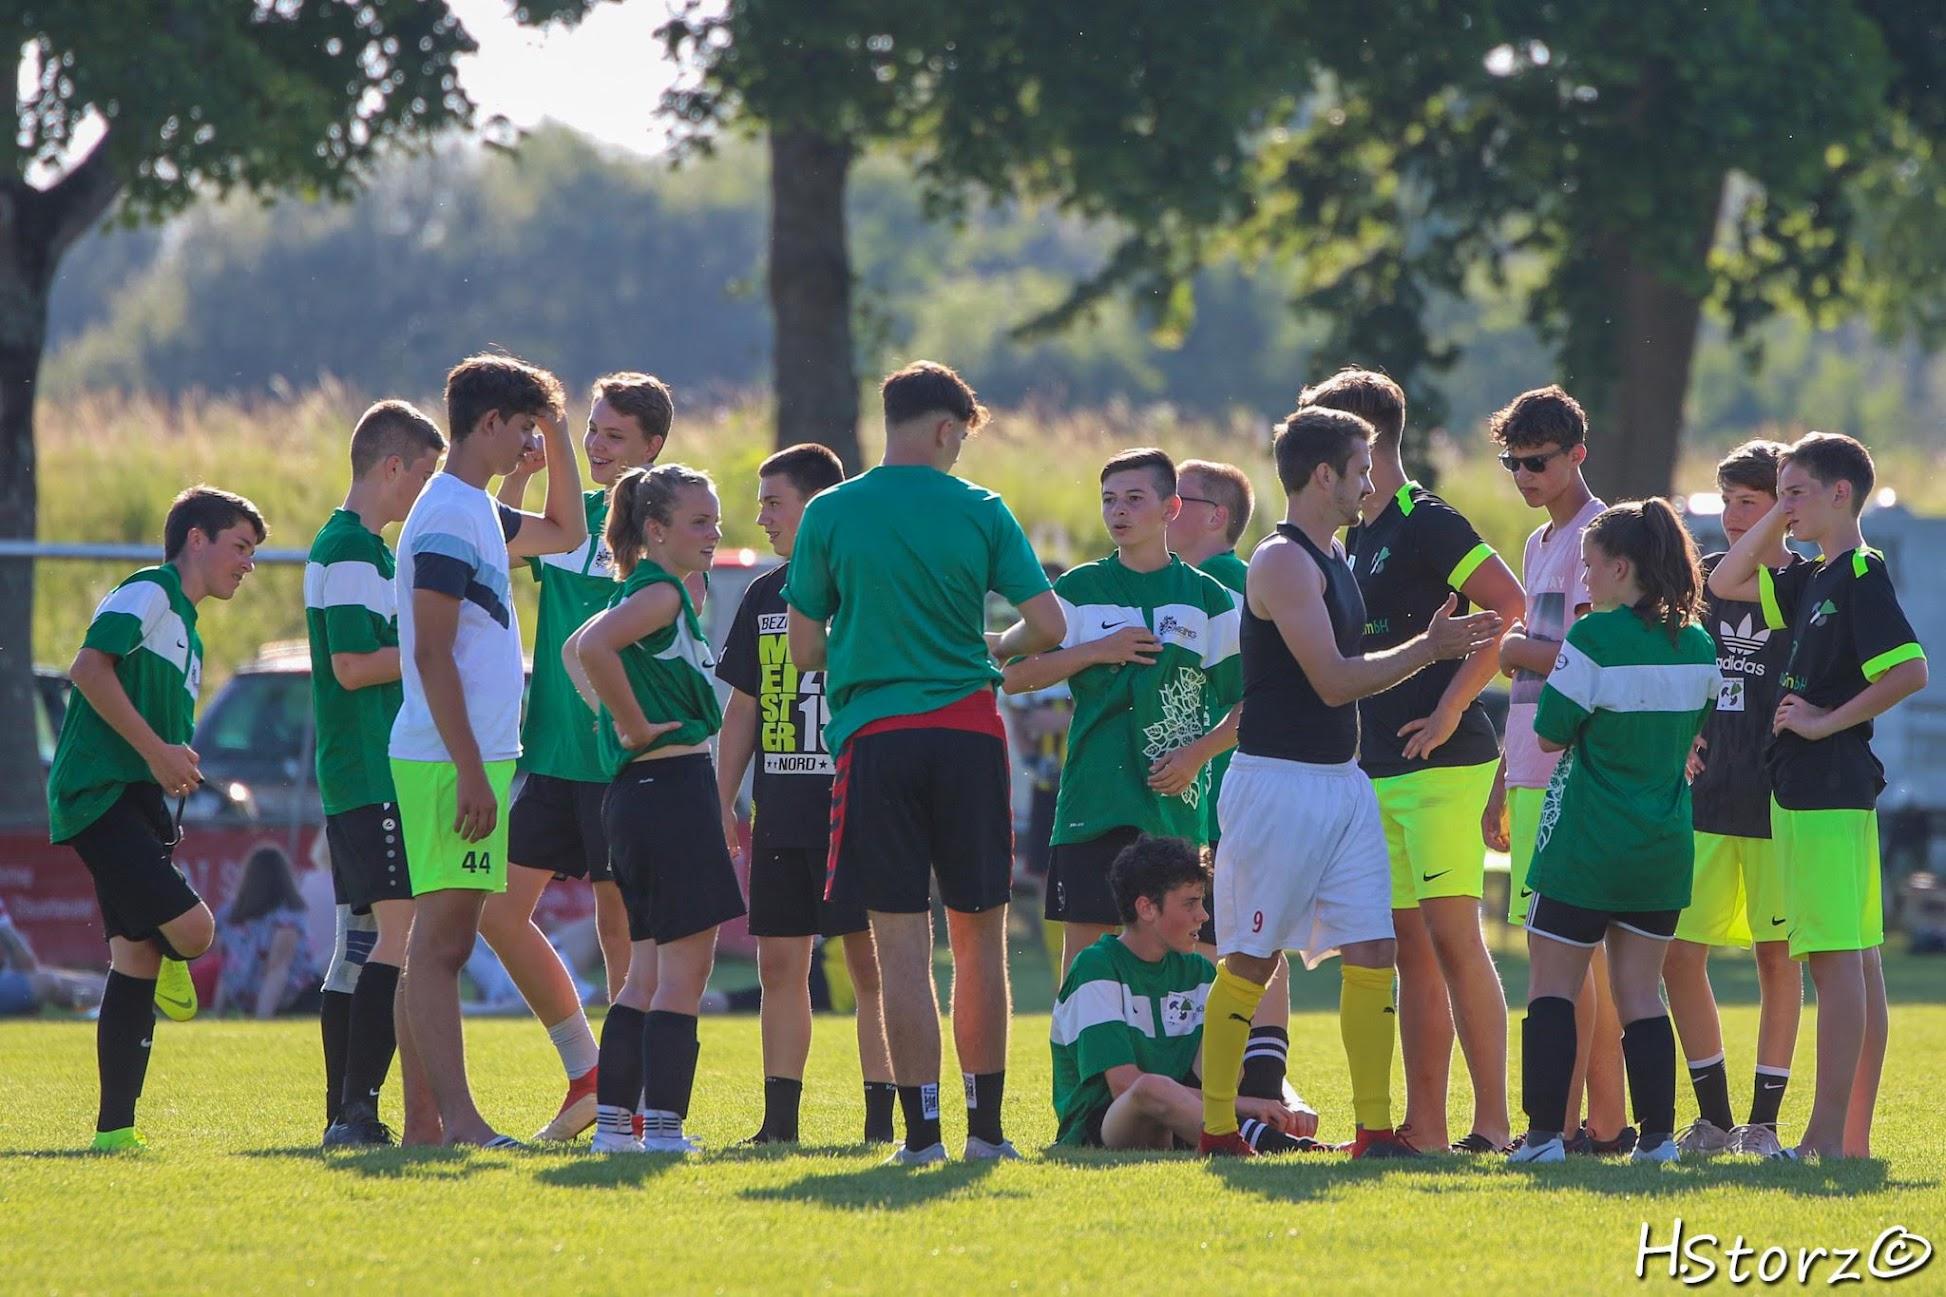 GRÜMPELTURNIER ELZDAMM CUP 2019